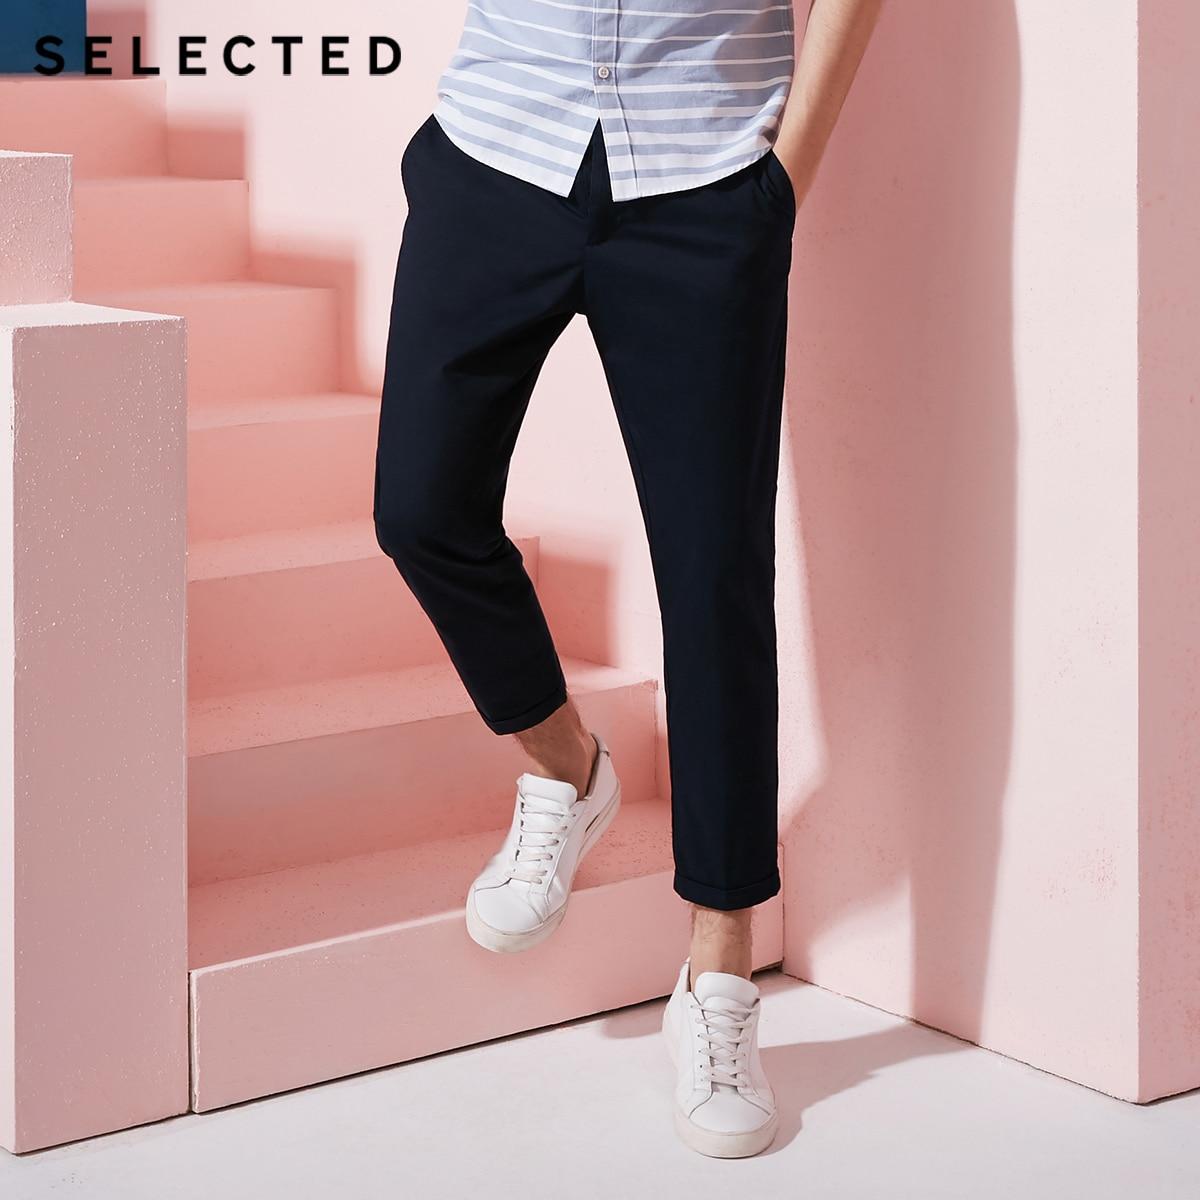 เลือกผ้าฝ้ายผสมรูปทรงกรวยสับกางเกง S  4182W2507-ใน กางเกงคาร์โก้ จาก เสื้อผ้าผู้ชาย บน AliExpress - 11.11_สิบเอ็ด สิบเอ็ดวันคนโสด 1